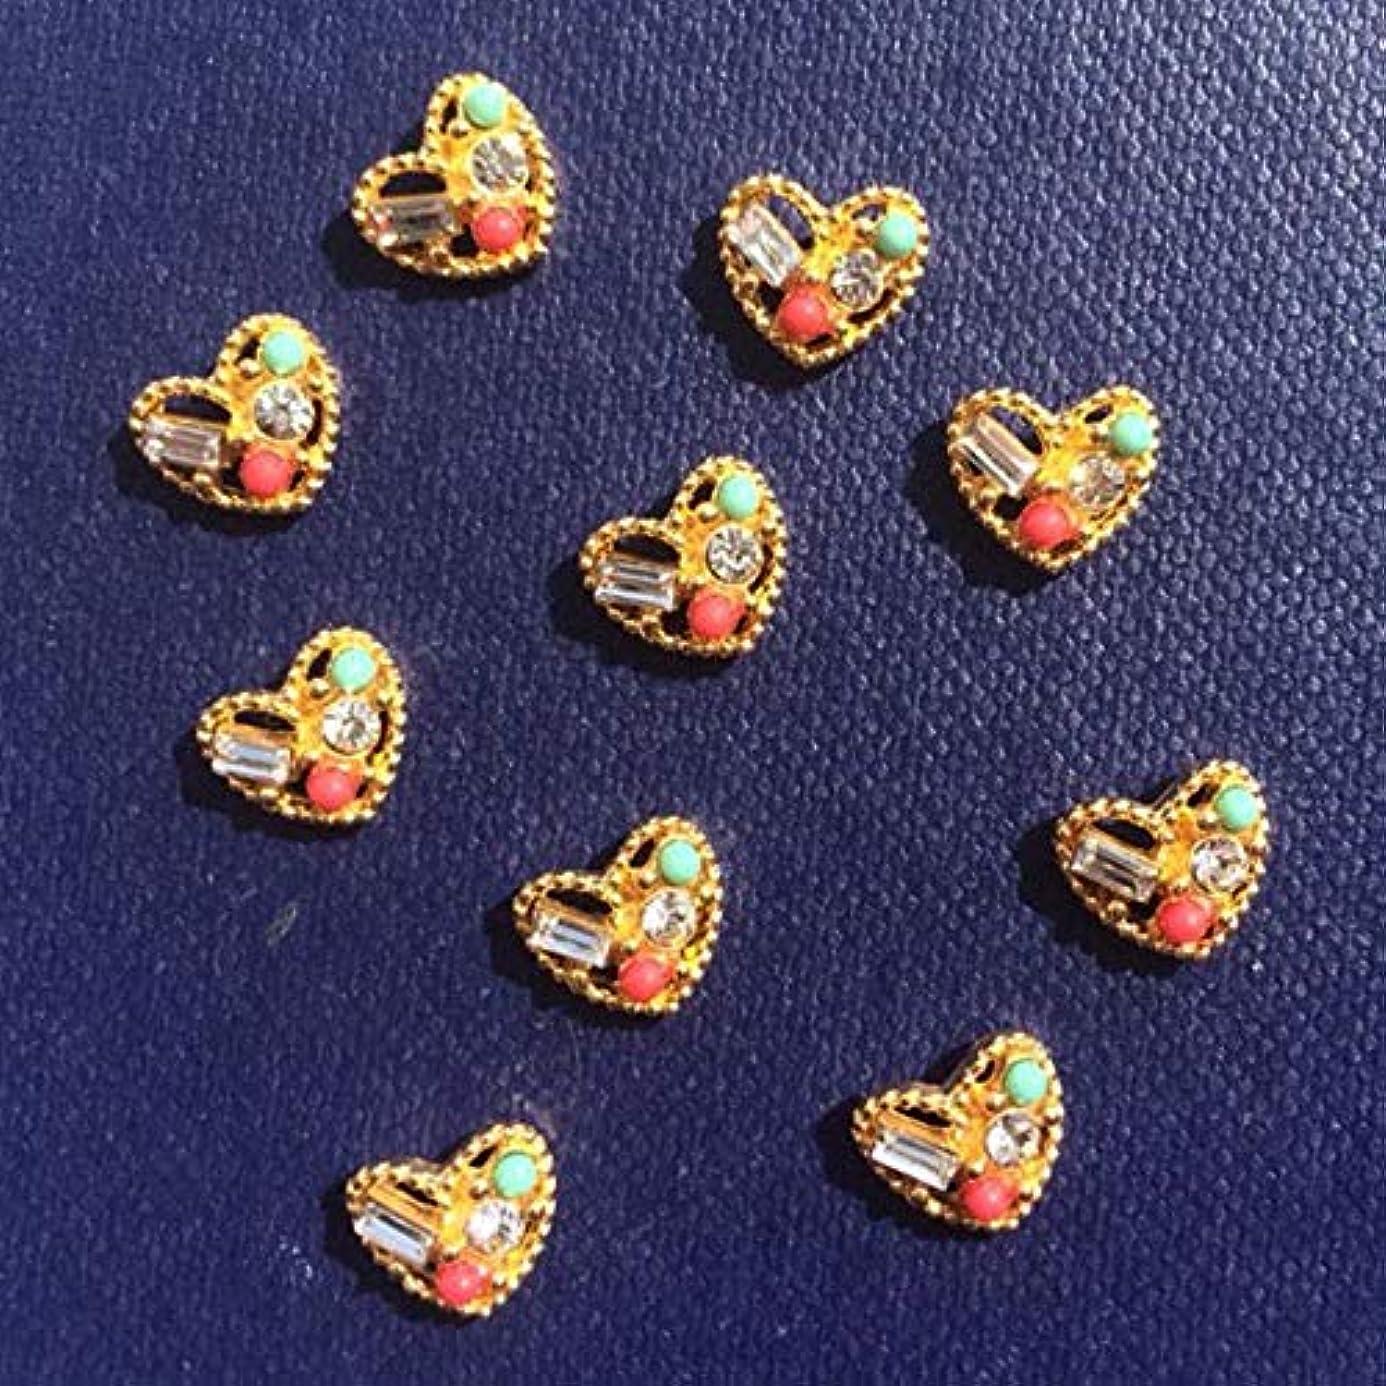 詩円周効能10個入り/ロットクリアクリスタルラインストーンゴールド合金のラブハートのデザインの3Dラインストーンネイルアートの装飾